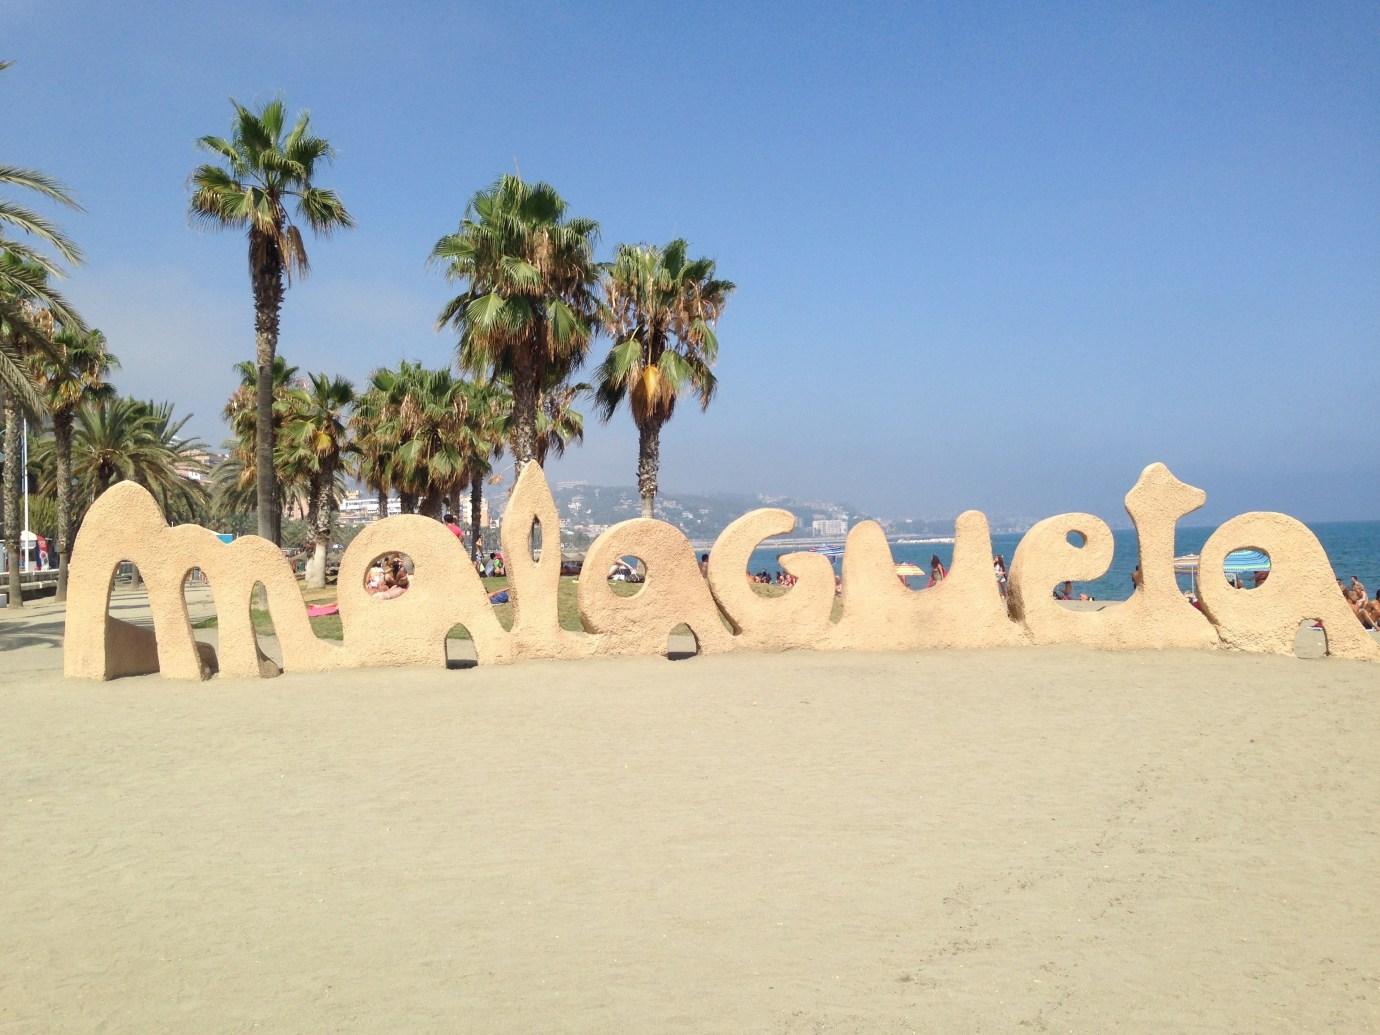 Malagueta beach in Malaga Spain